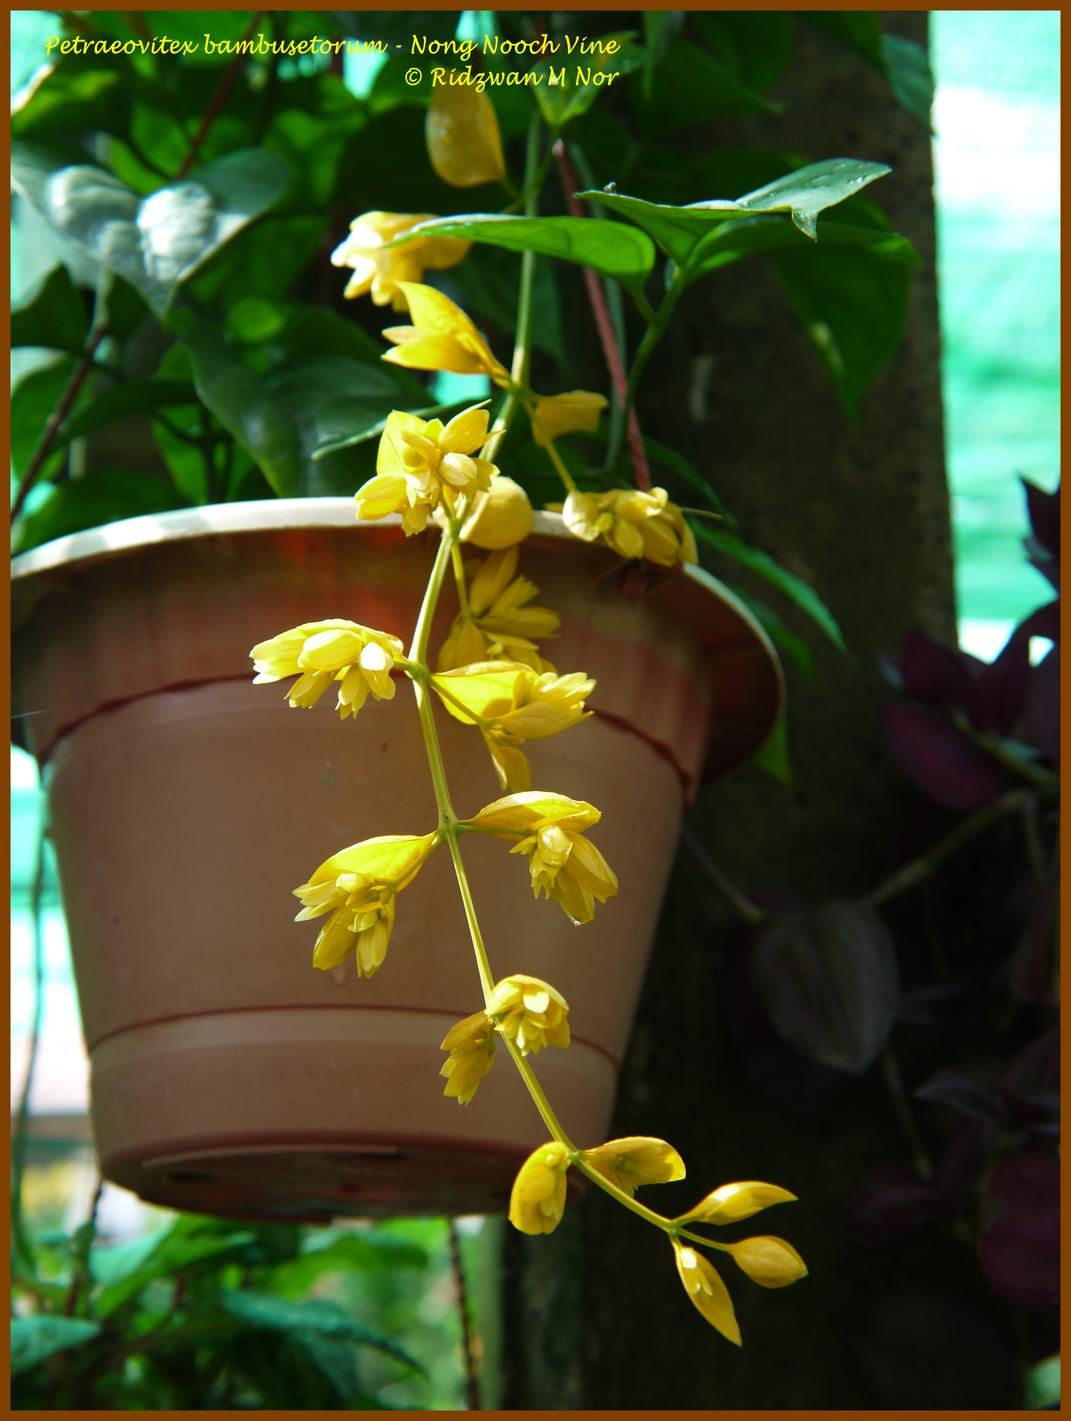 Petraeovitex Bambusetorum Nong Nooch Vine